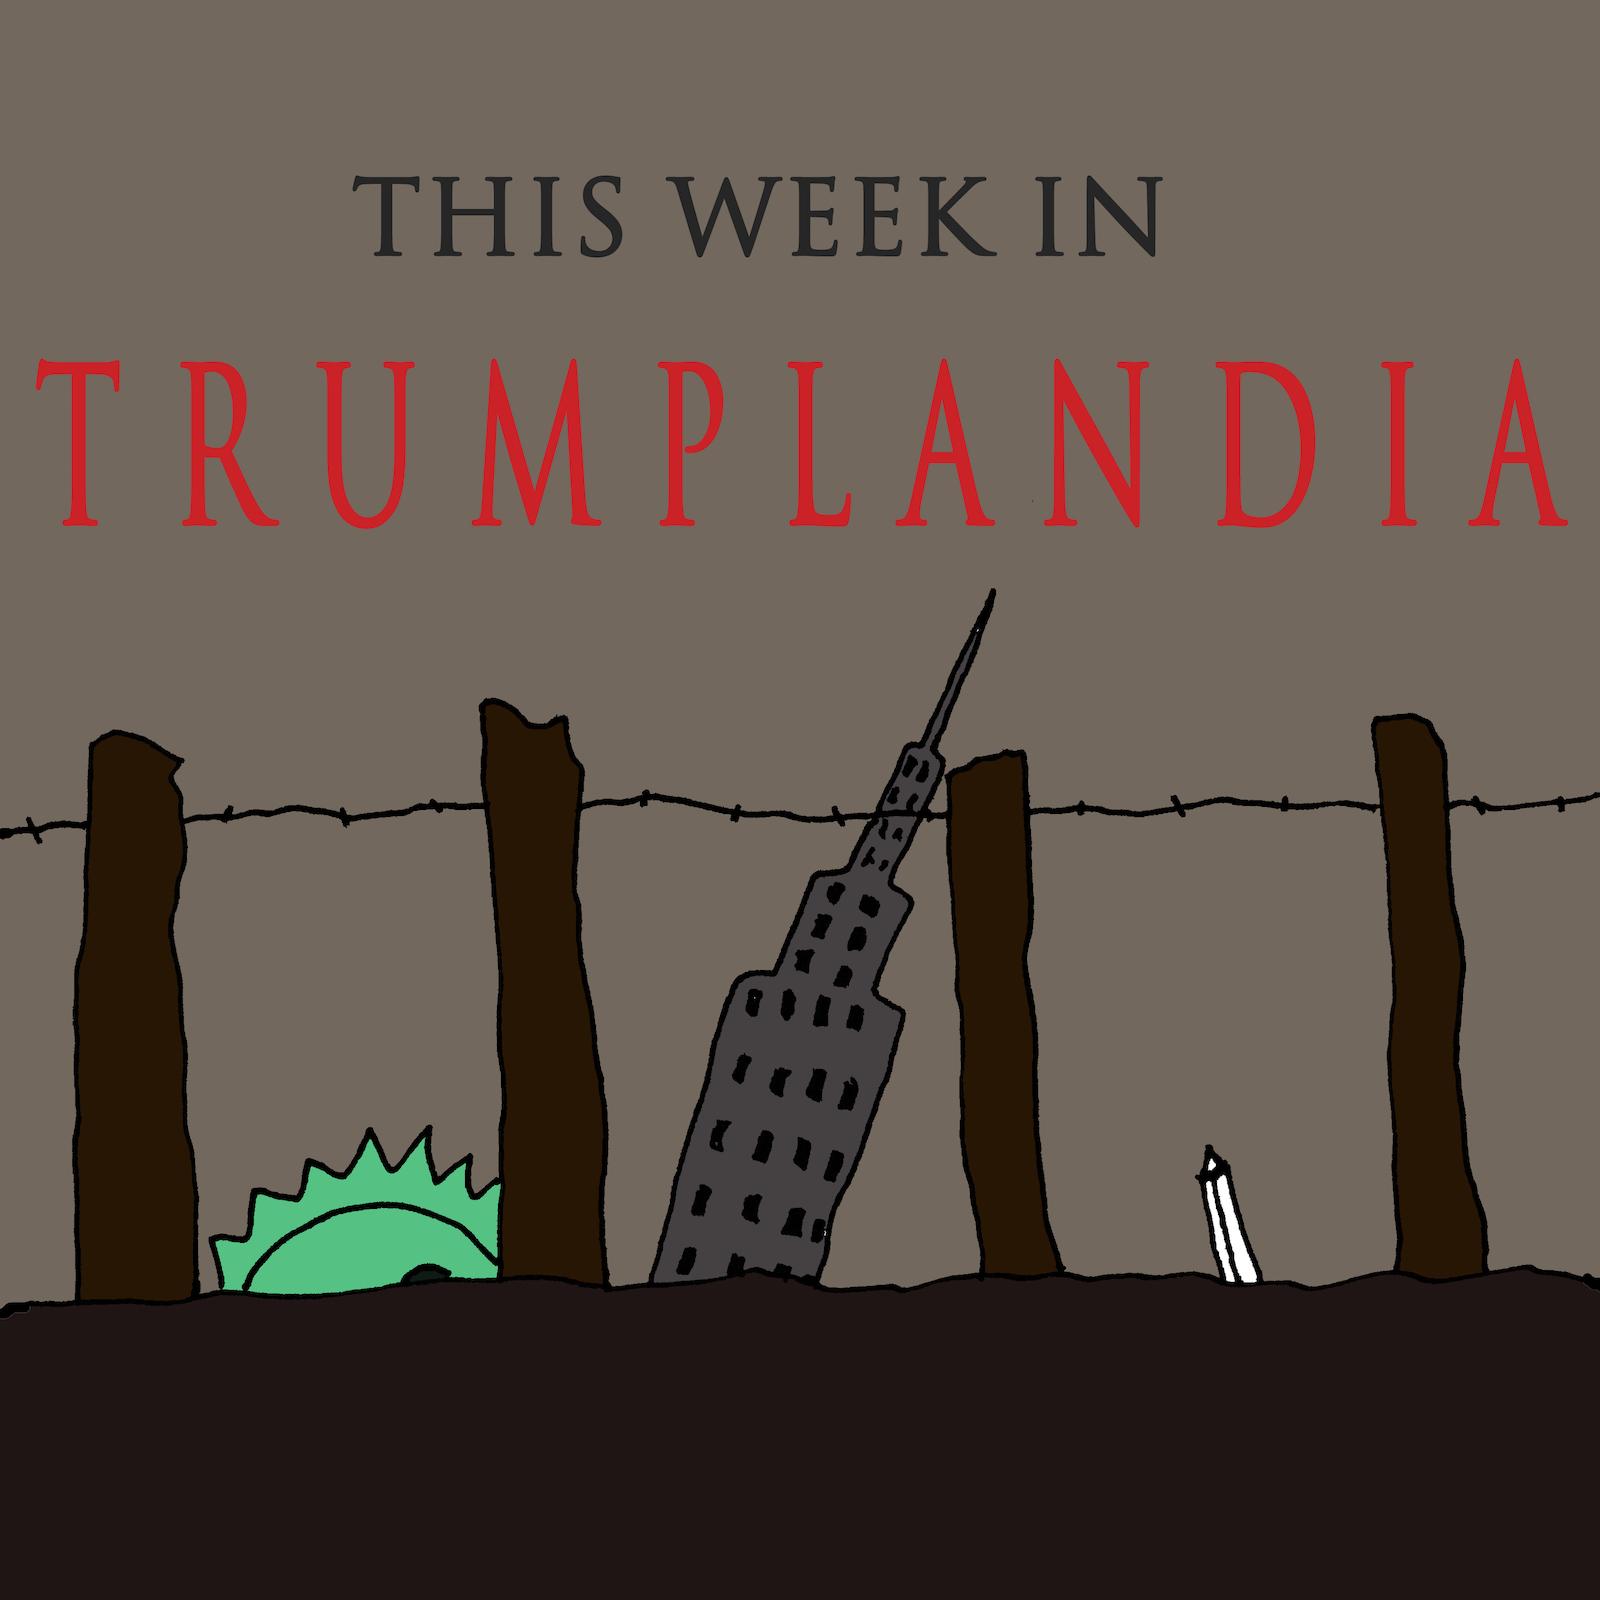 This Week In Trumplandia